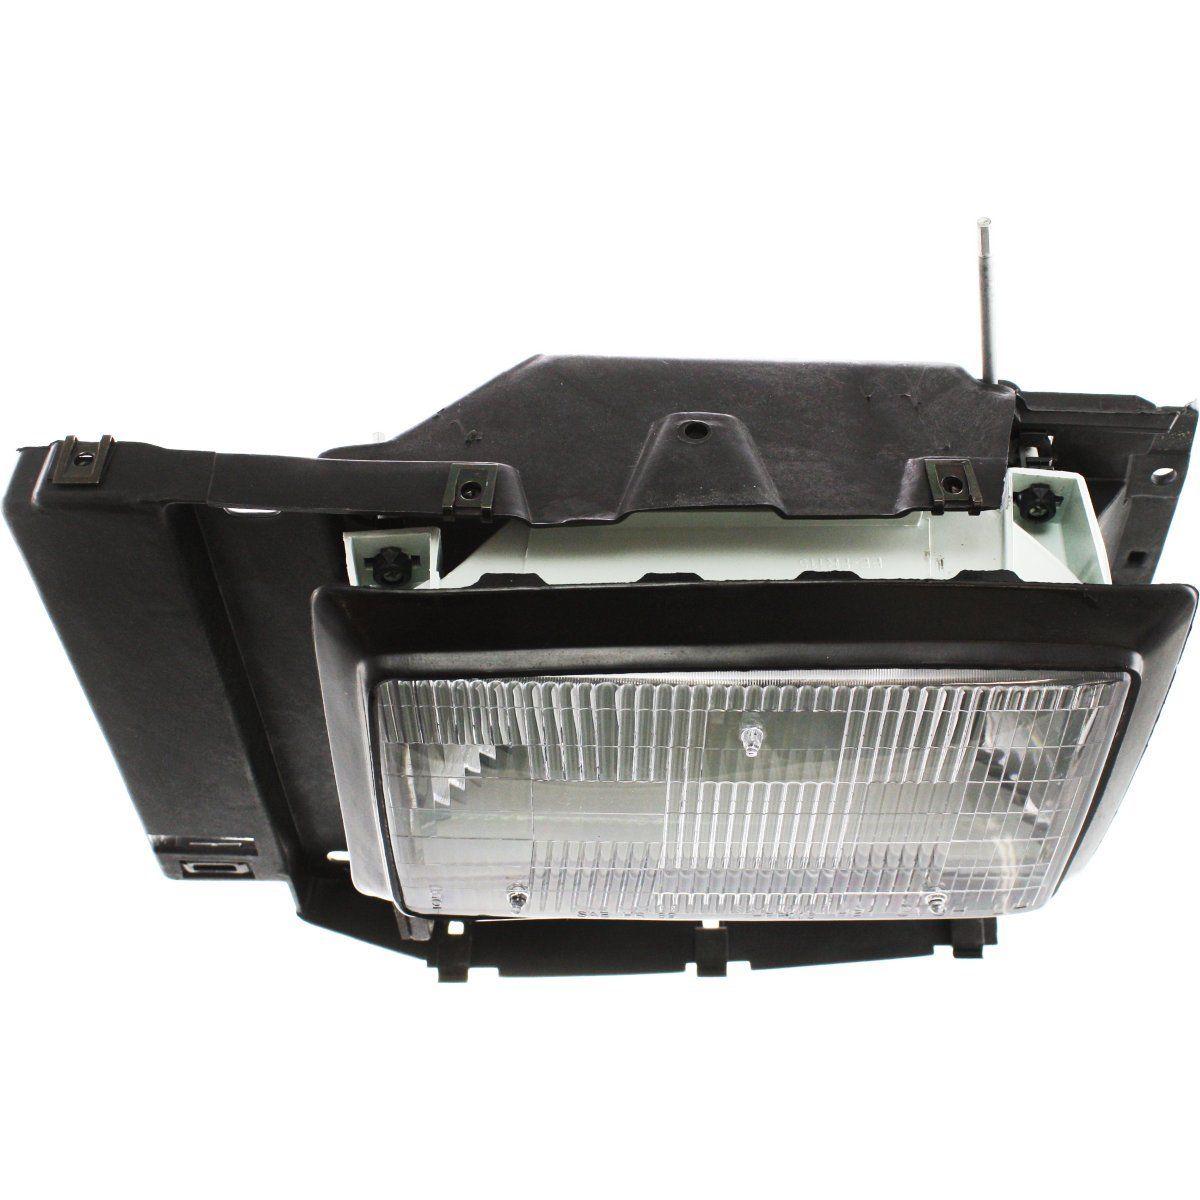 Headlight For 89-92 Ford Ranger 91-94 Explorer Driver Side ...